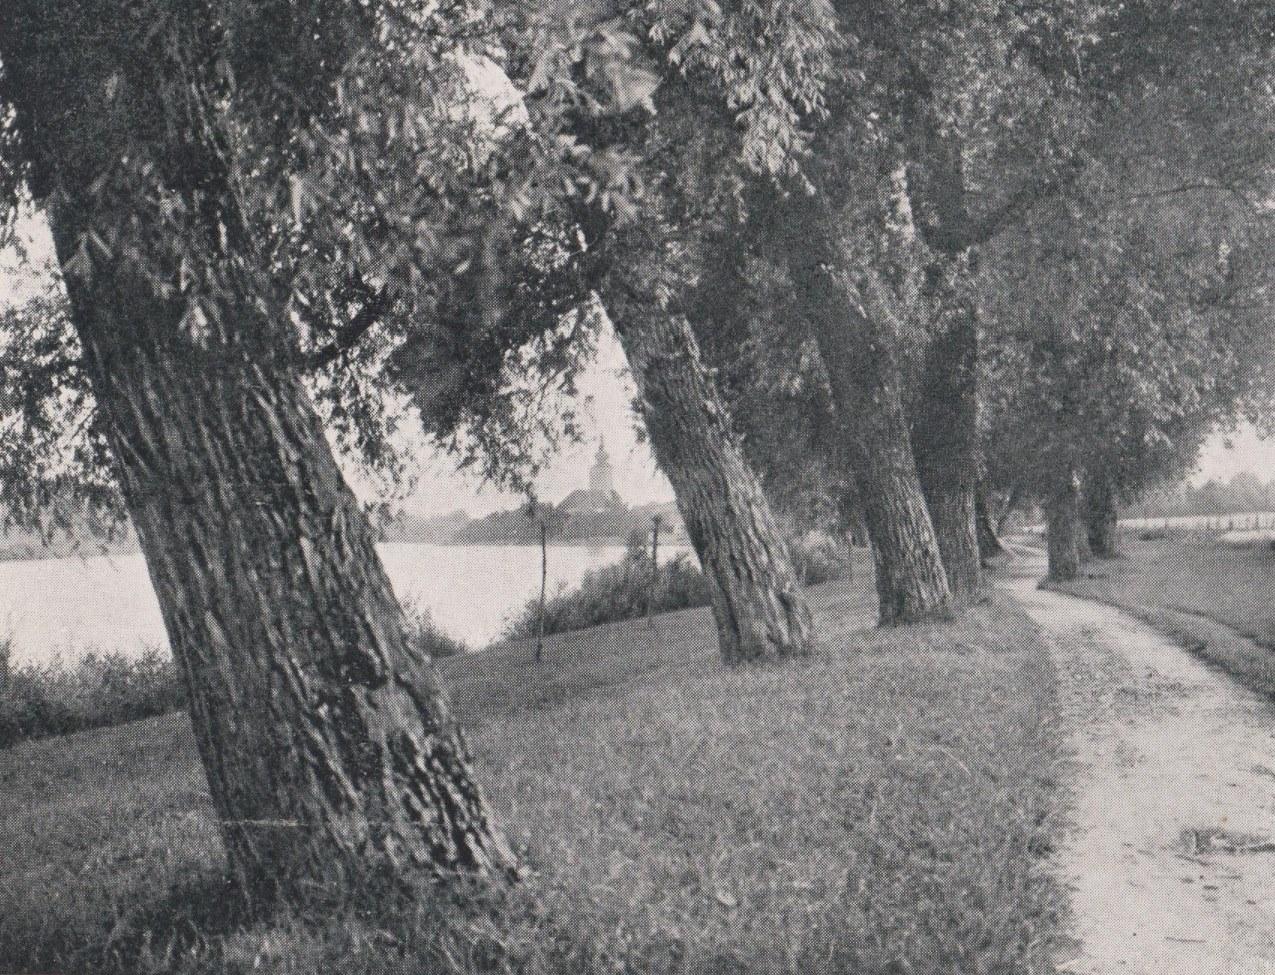 Nábrežie Váhu medzi Púchovom (vzadu) a Nimnicou na zač. 40. rokov 20. storočia